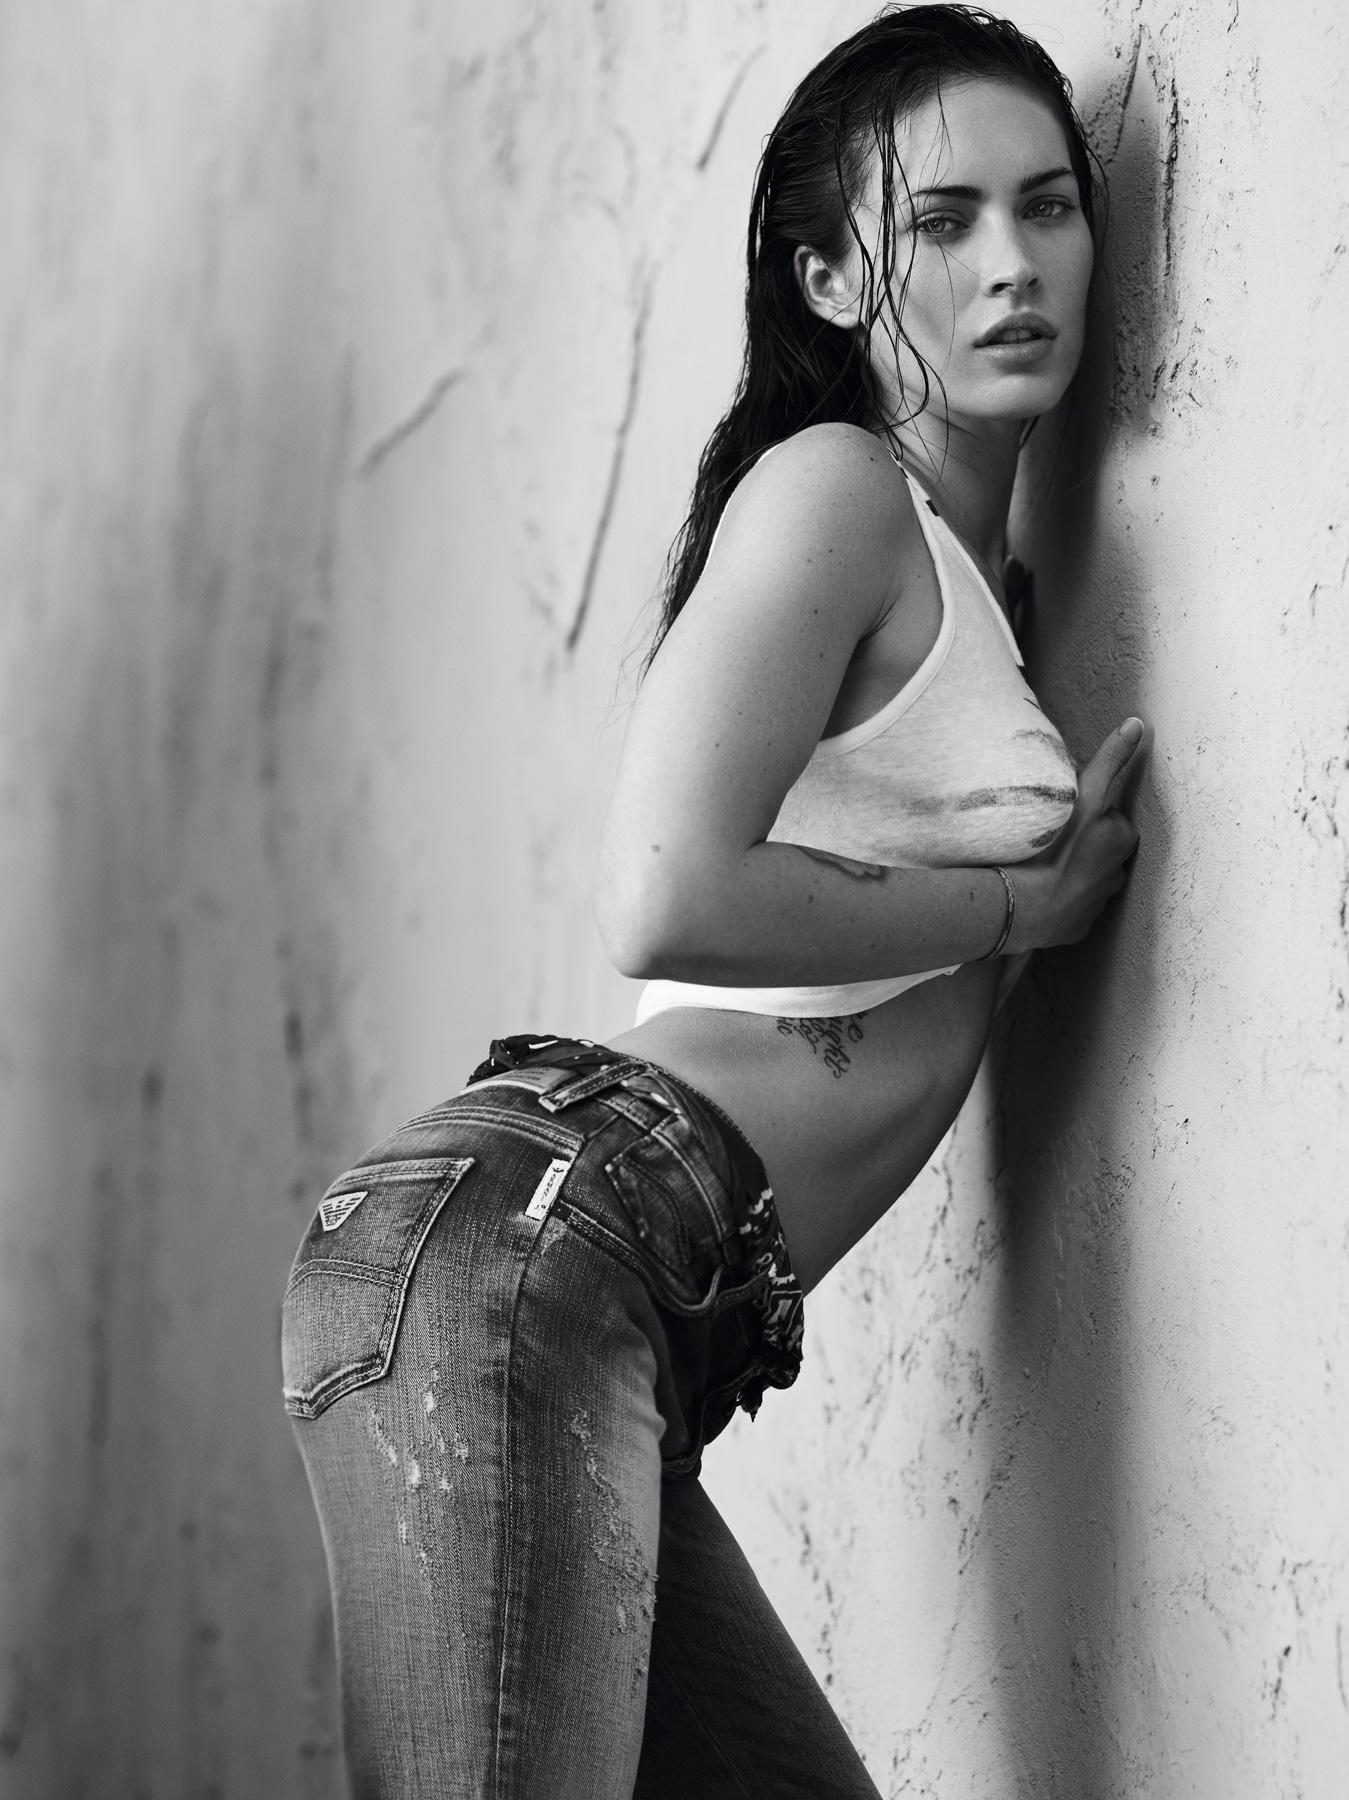 49907_Megan_Fox_Armani_Jeans_SS_2011_Campaign1_122_412lo.jpg